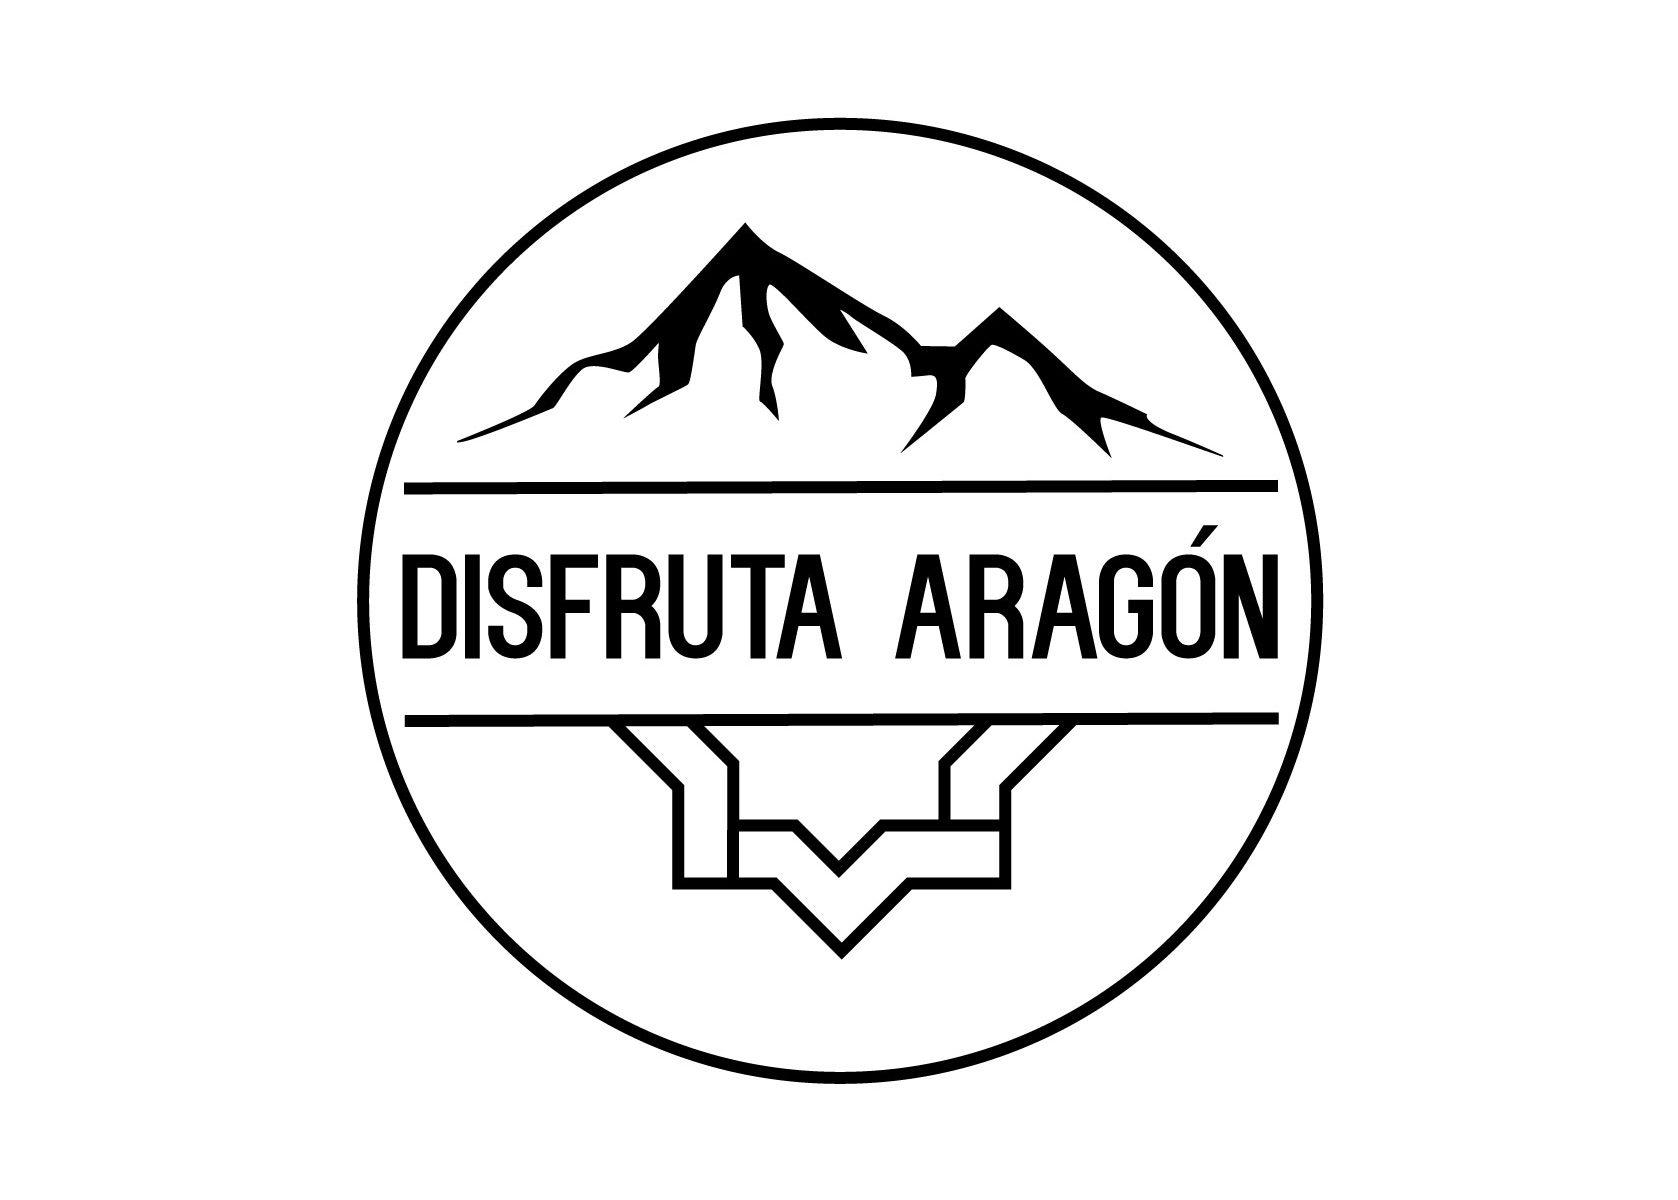 Nuevo logo de Disfruta Aragón en el que todos los rincones de la comunidad están representados